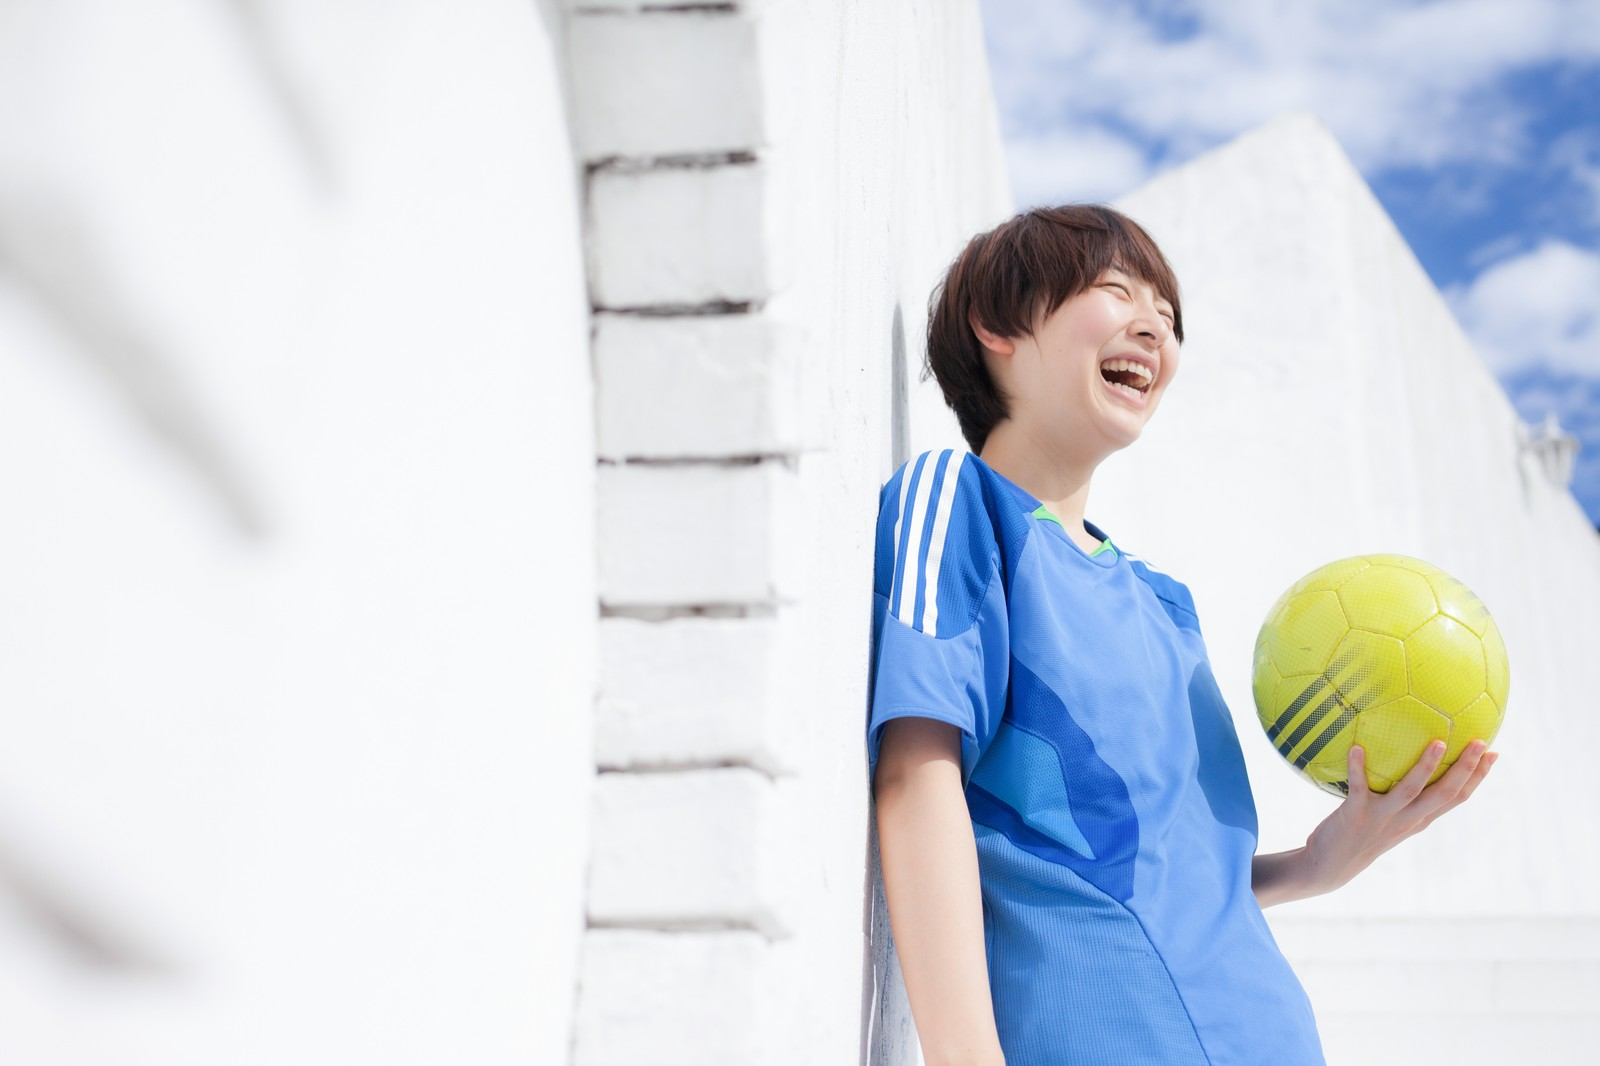 「サッカー女子のオフショット | 写真の無料素材・フリー素材 - ぱくたそ」の写真[モデル:八木彩香]